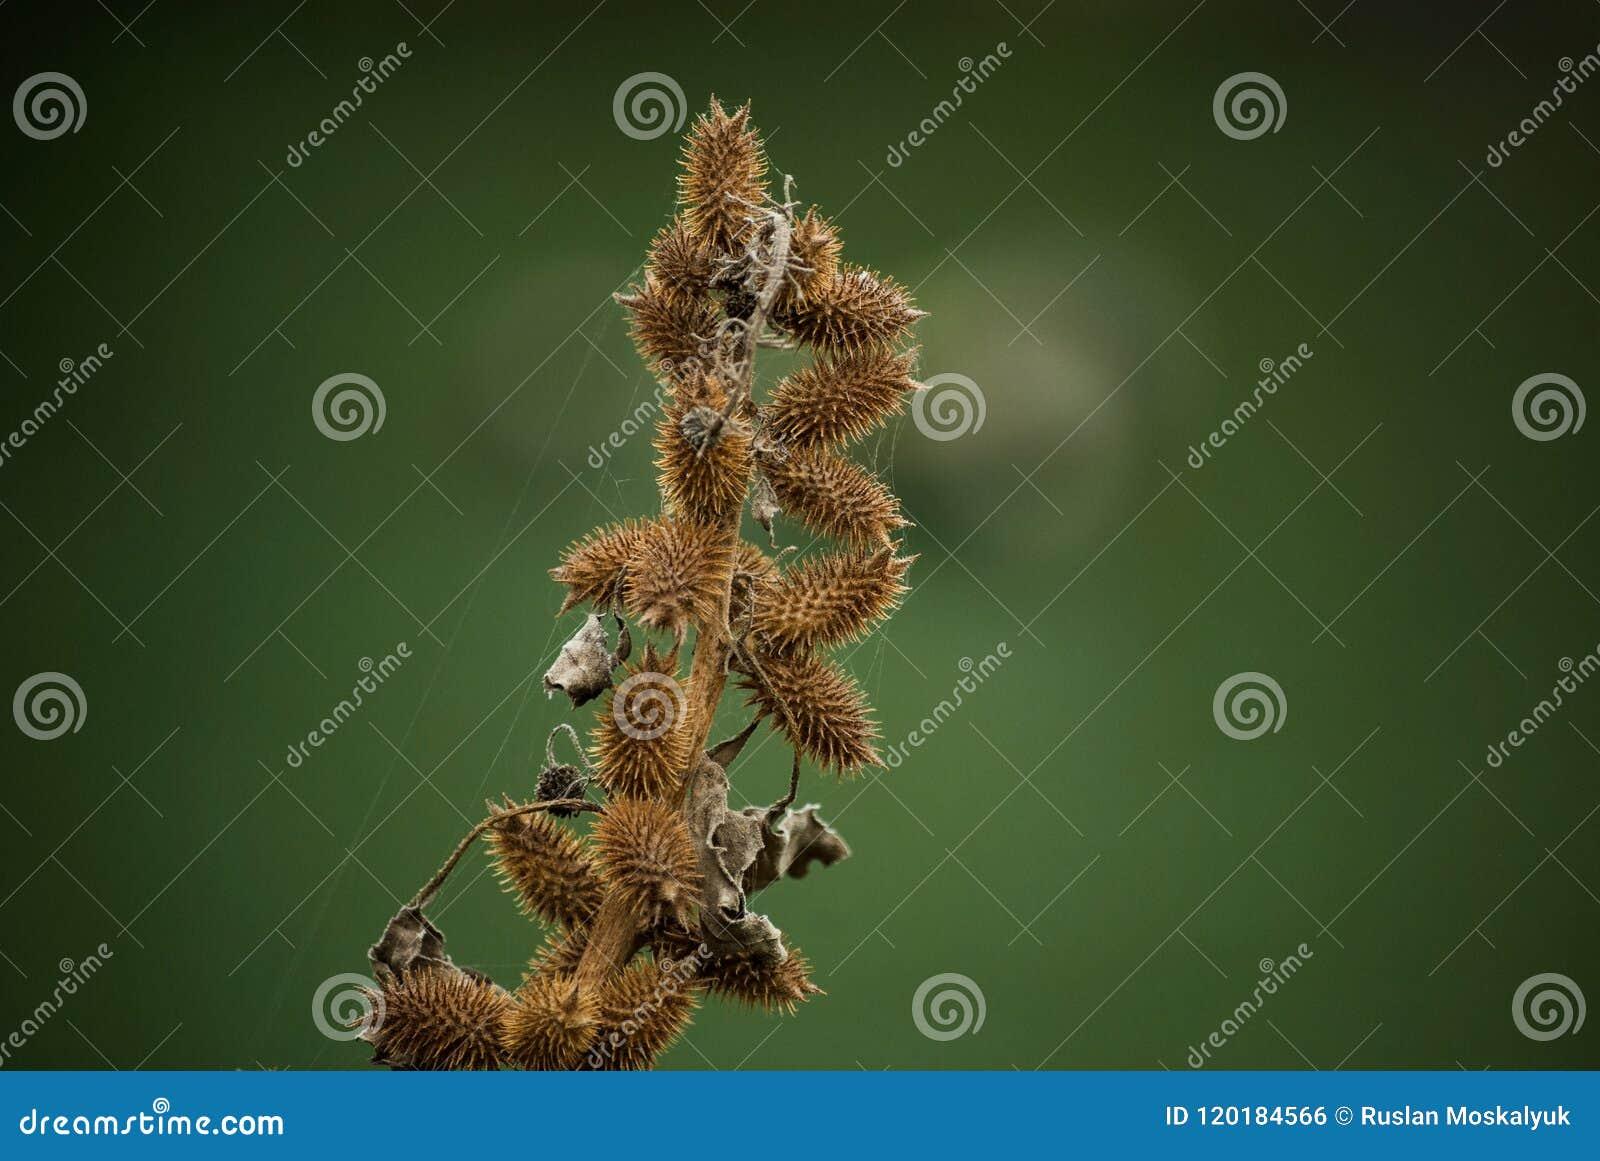 Burdock, A Large Herbaceous, Agrimony, Bur, Burr, Thorn